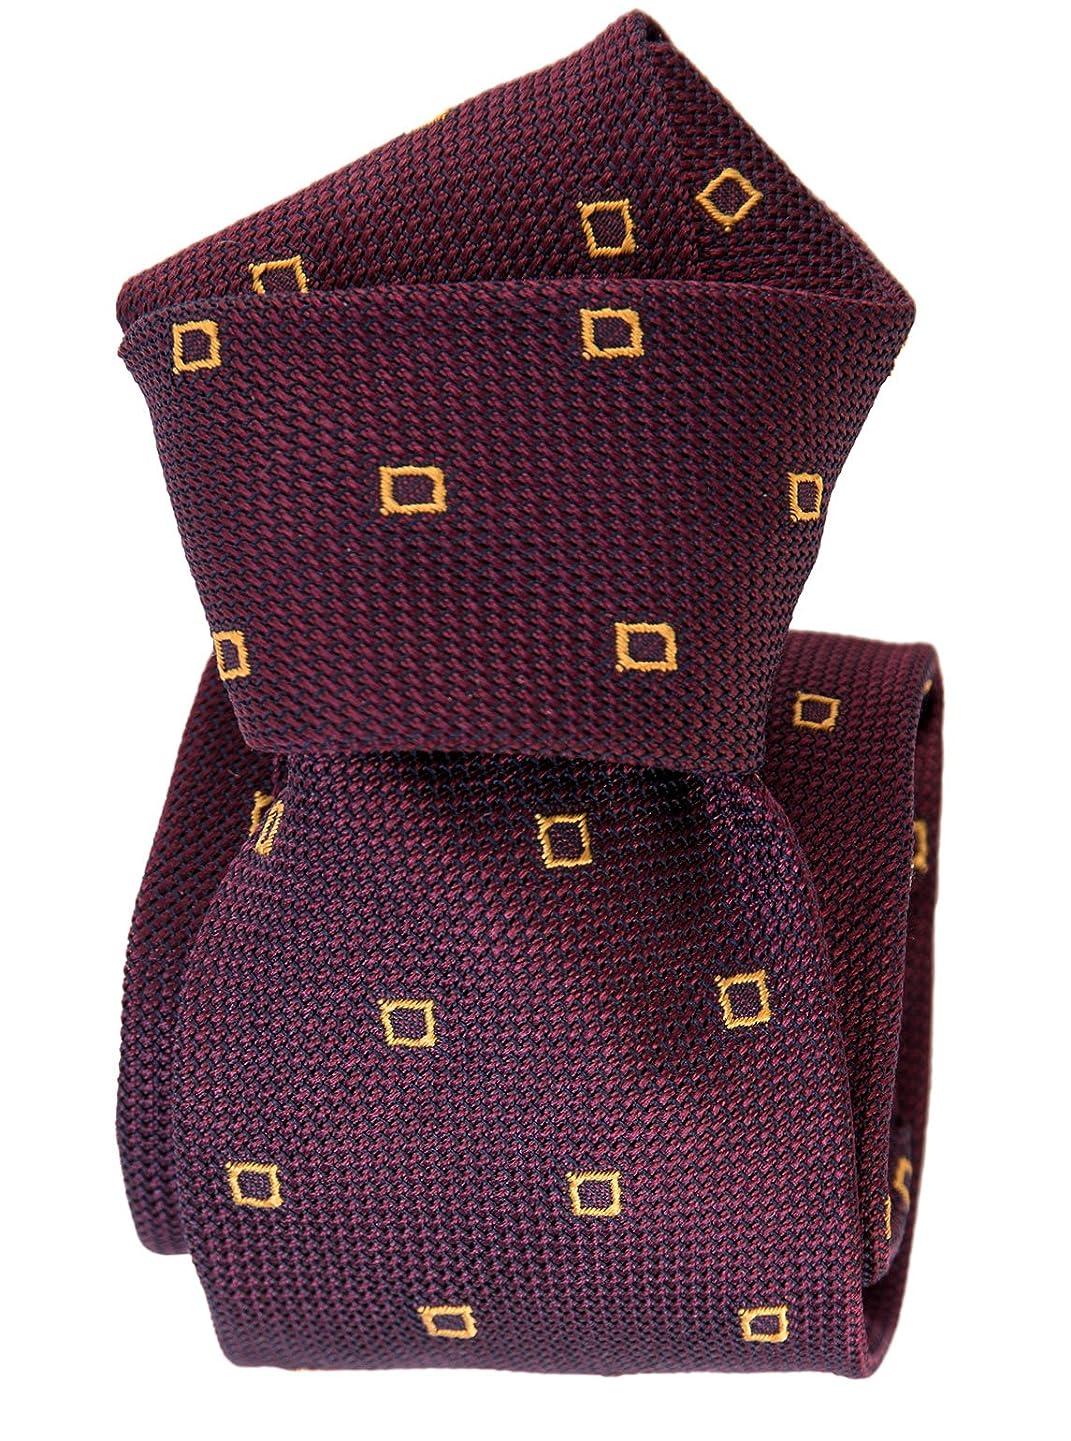 Elizabetta Men's Italian Silk Grenadine Tie, Extra Long, Handmade in Italy